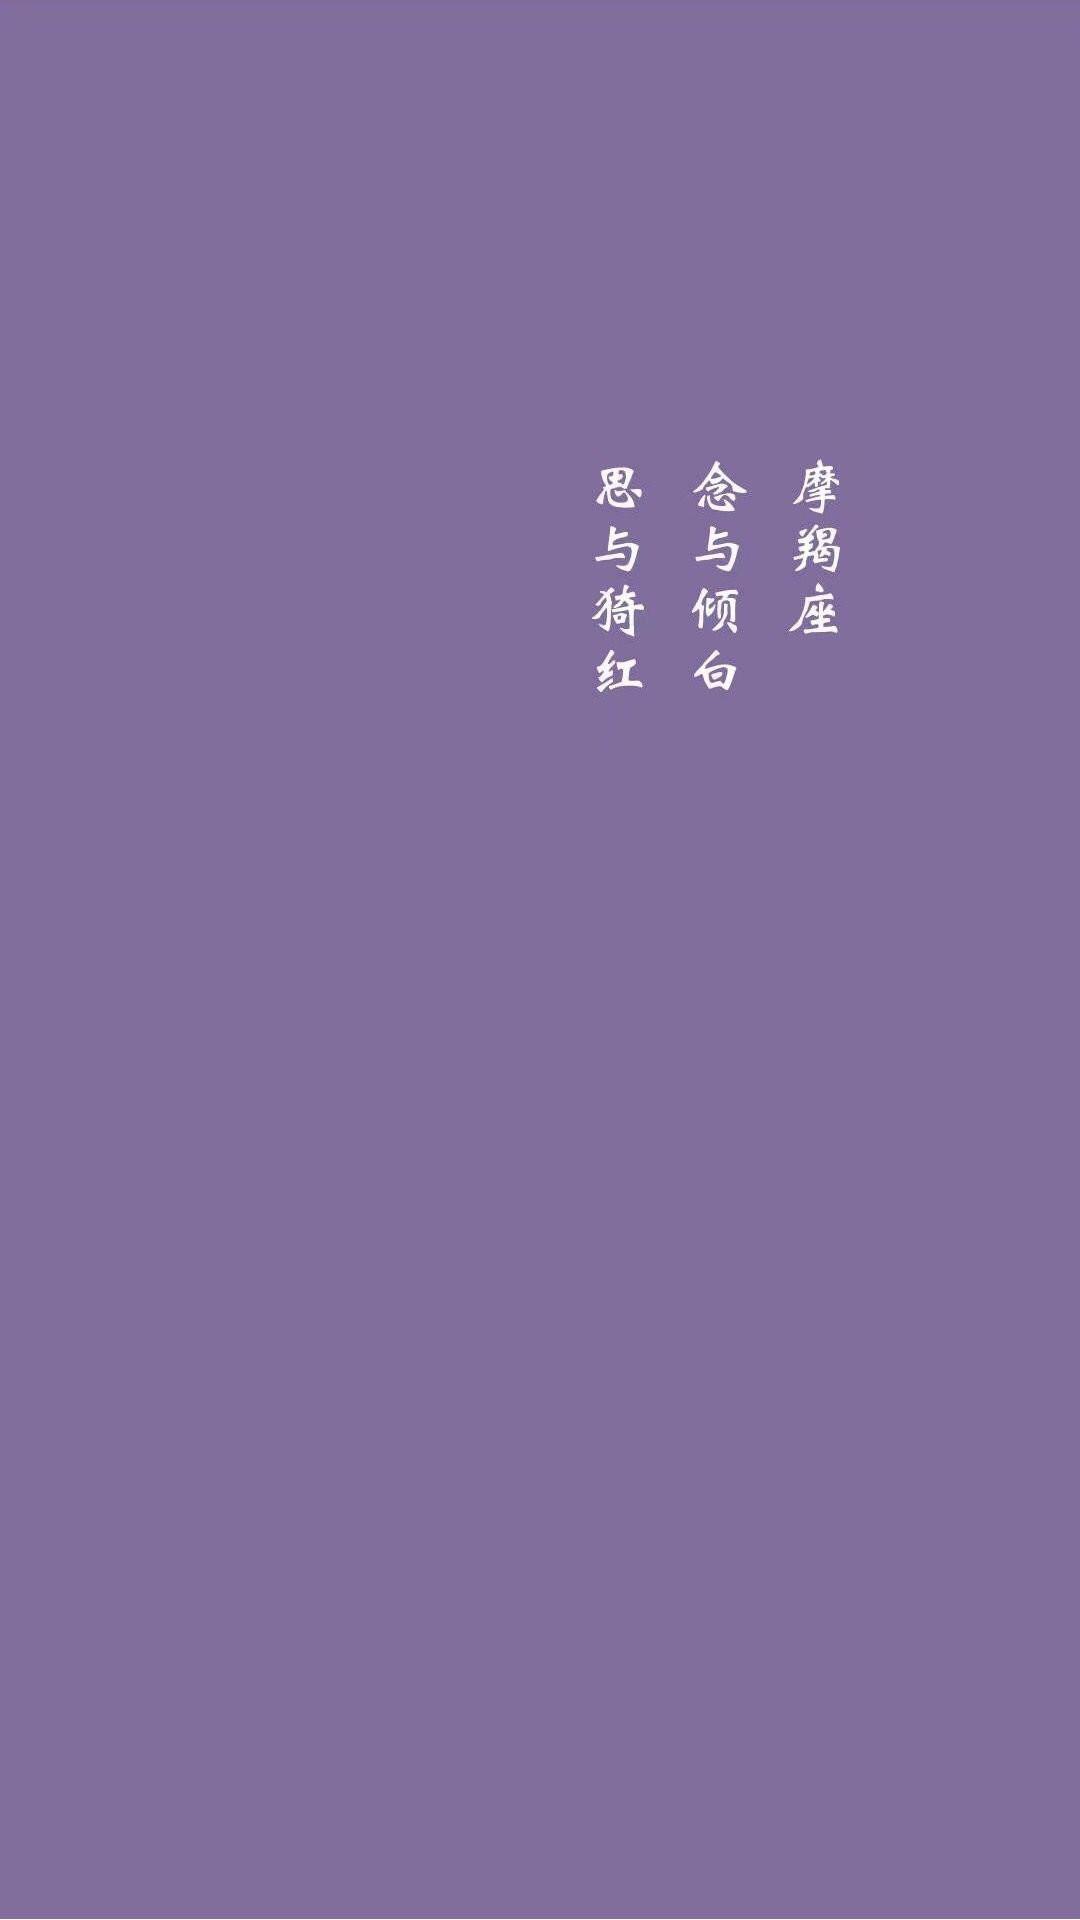 唯美星座文字纯色背景壁纸图片